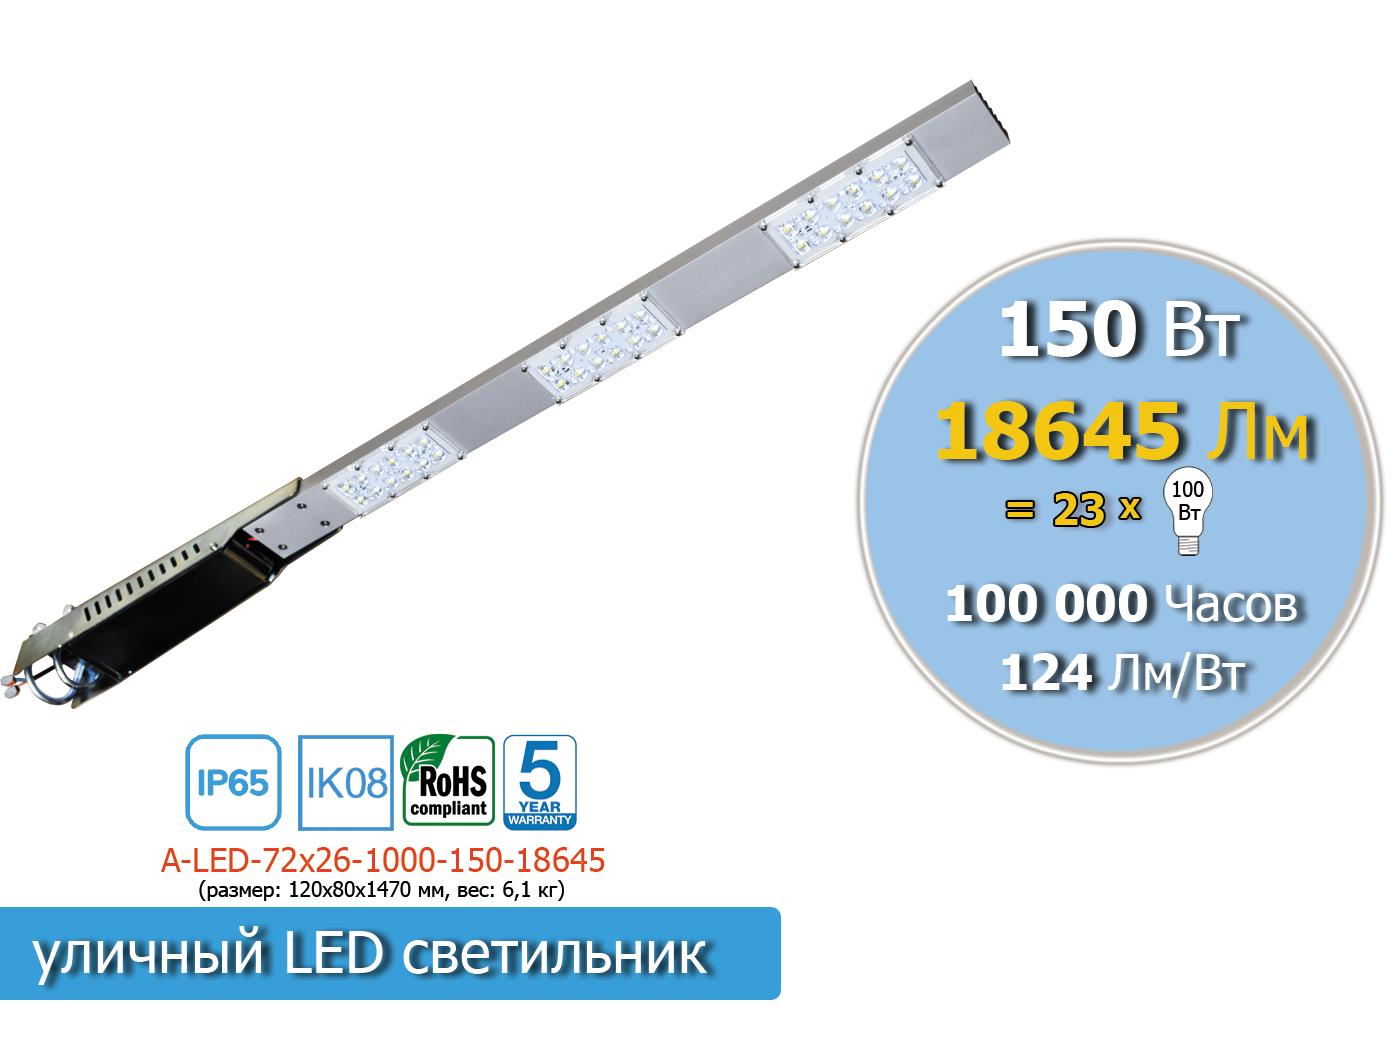 A-LED-72x26-1000-150-18645